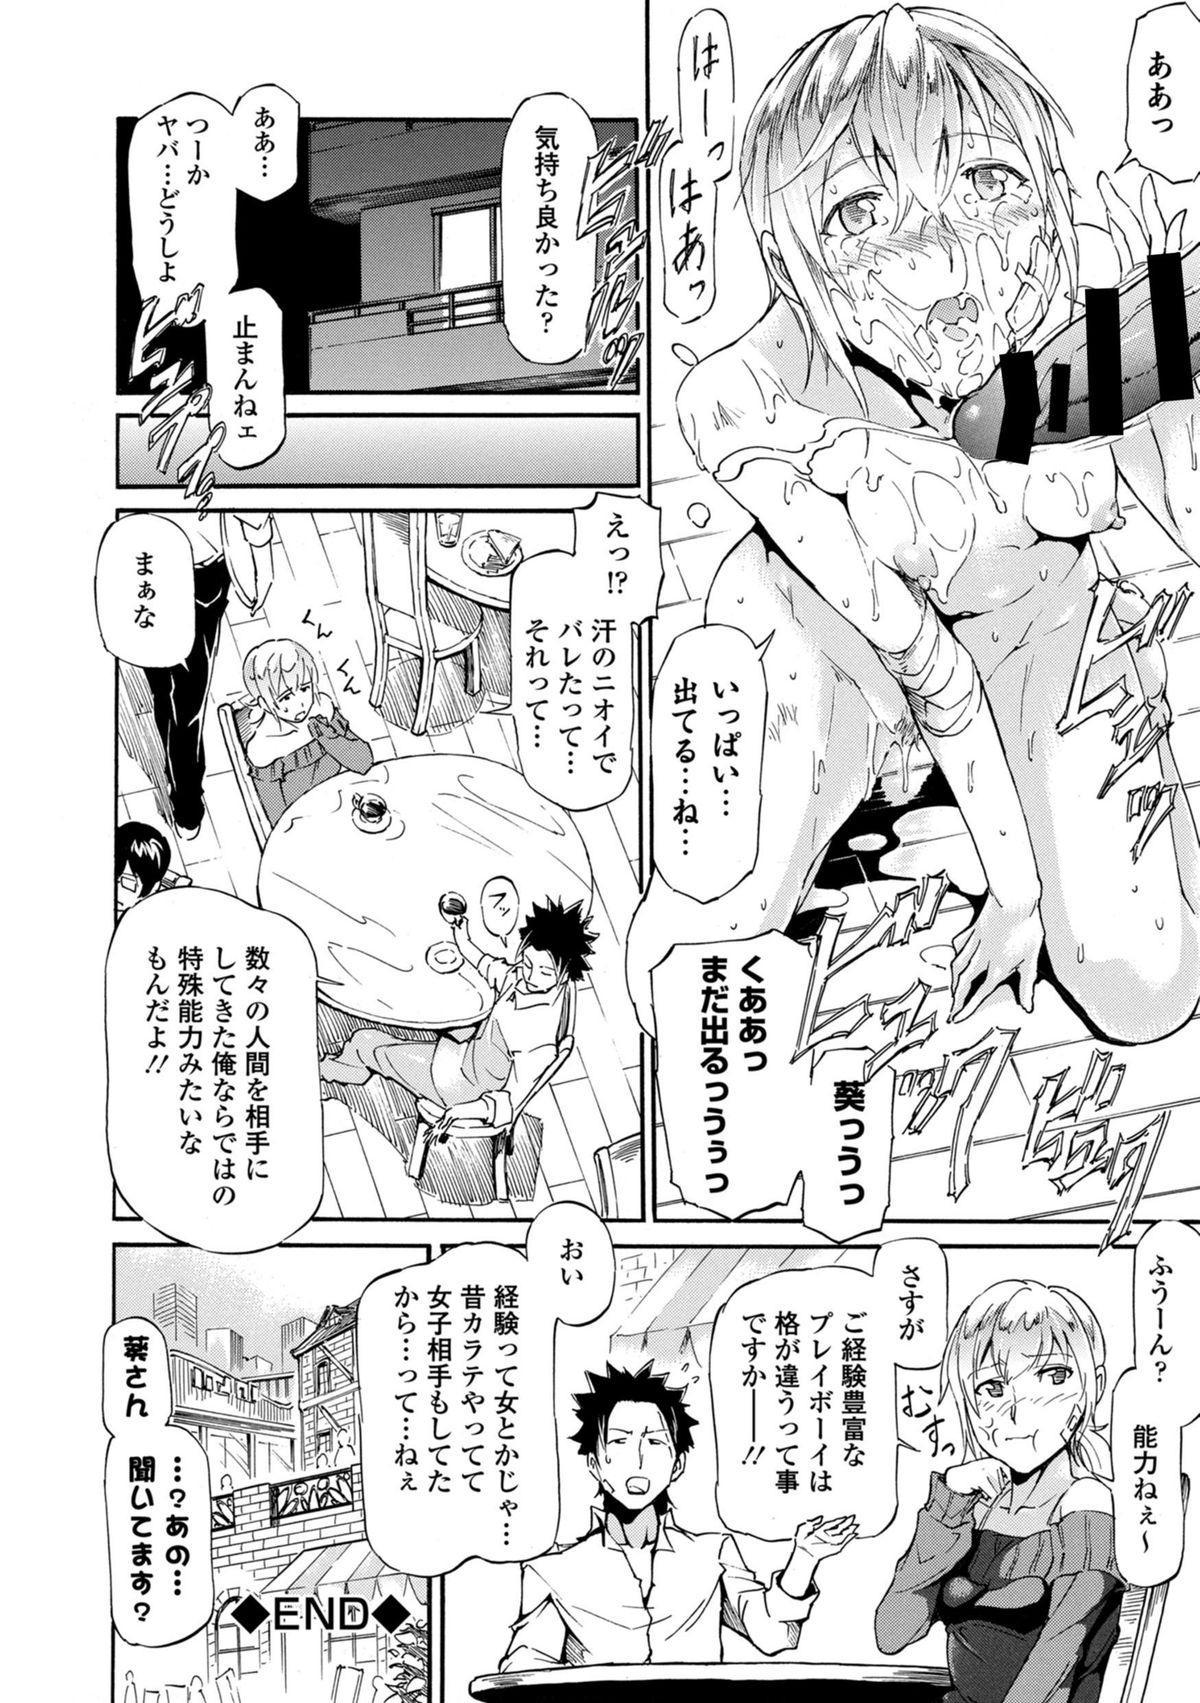 Utsukushisugiru Rival 19